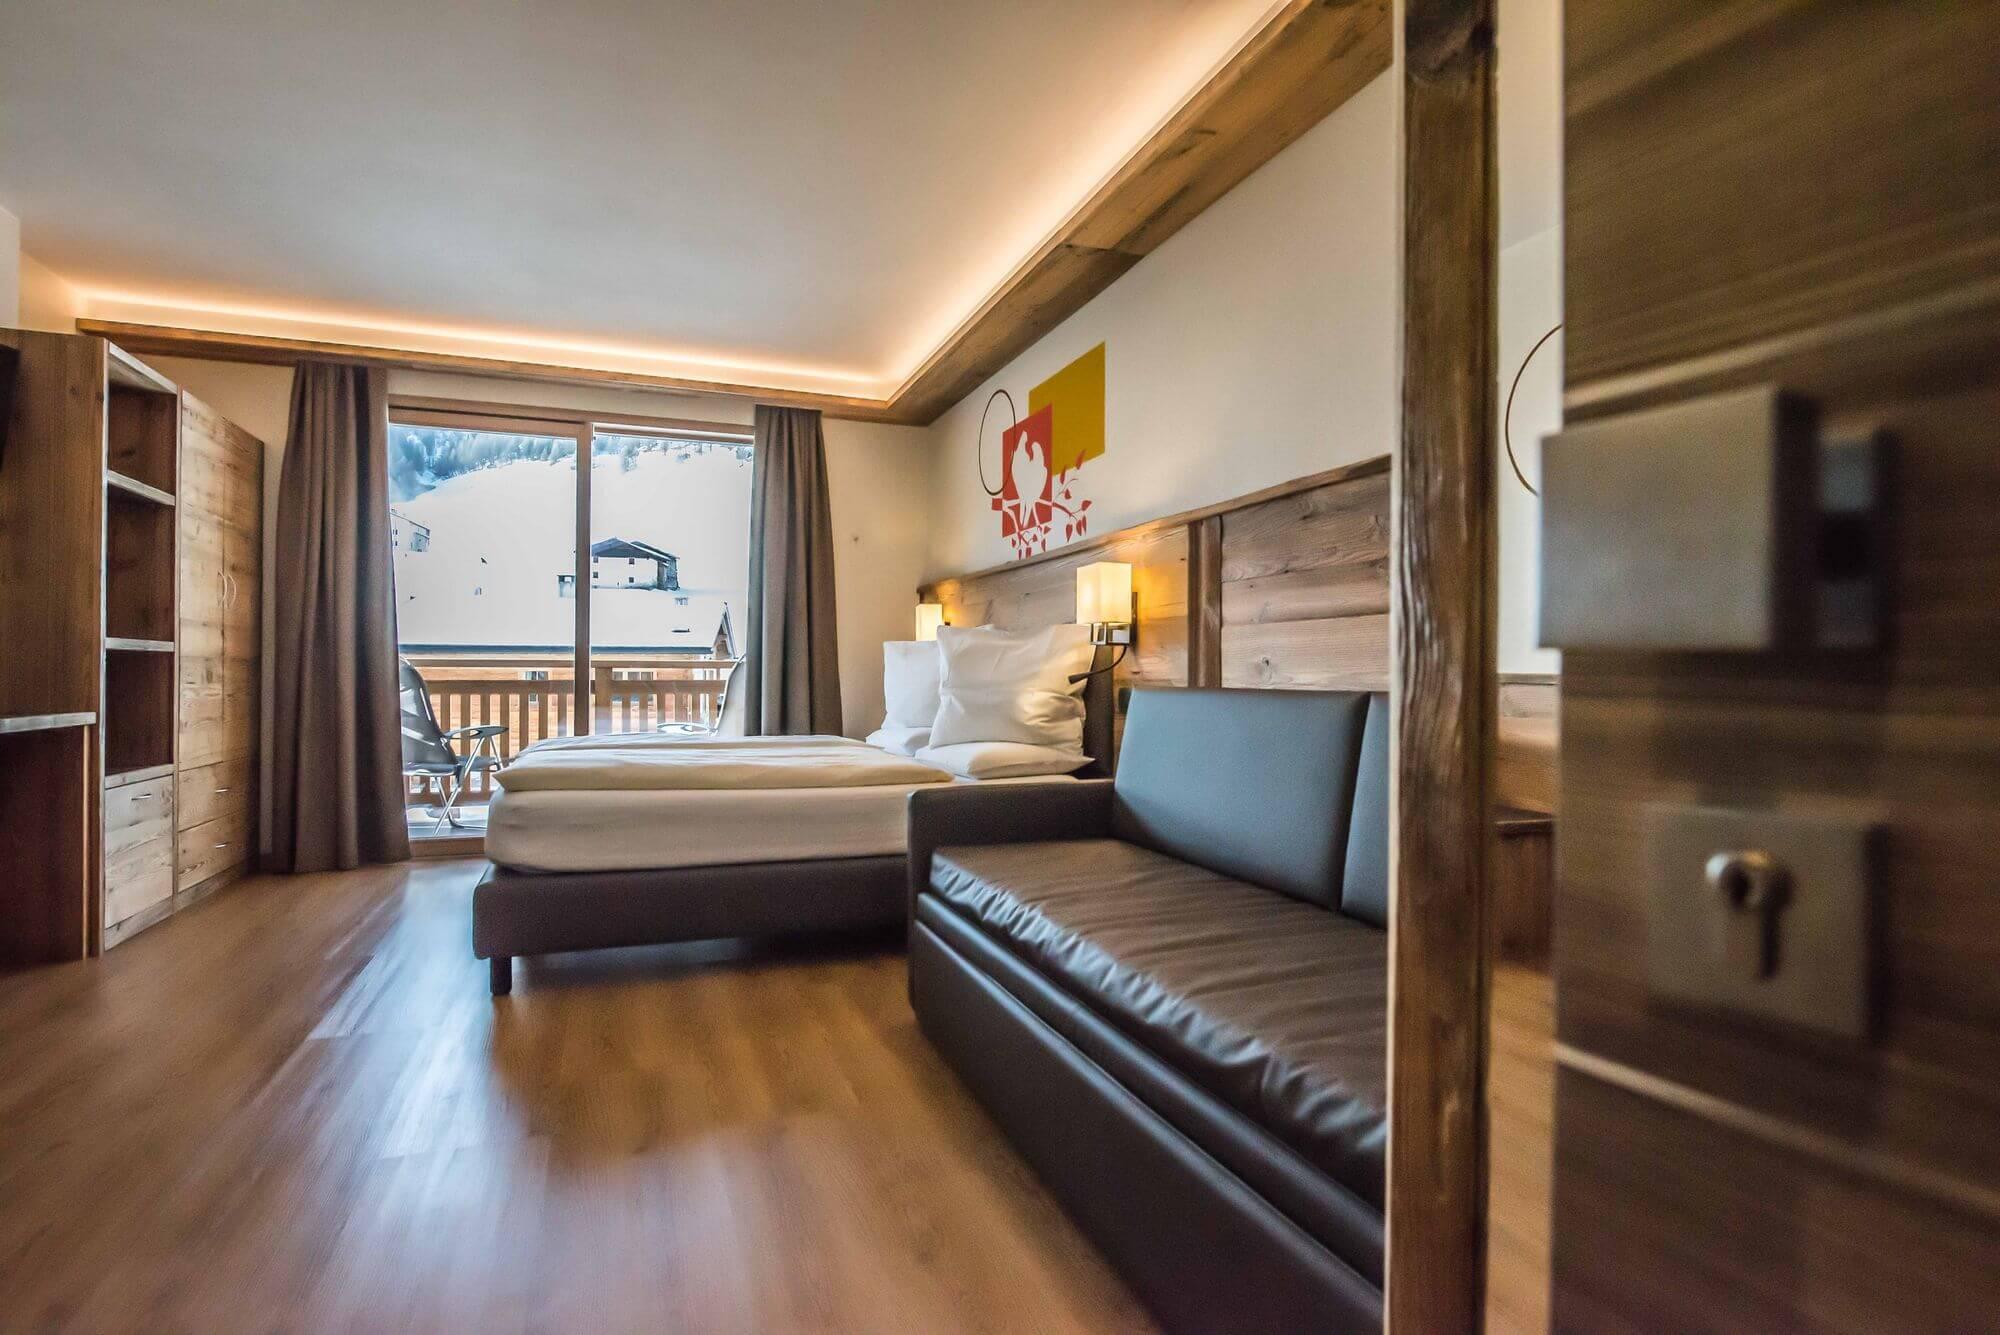 Camera con divano in pelle: Hotel Le Alpi a Livigno